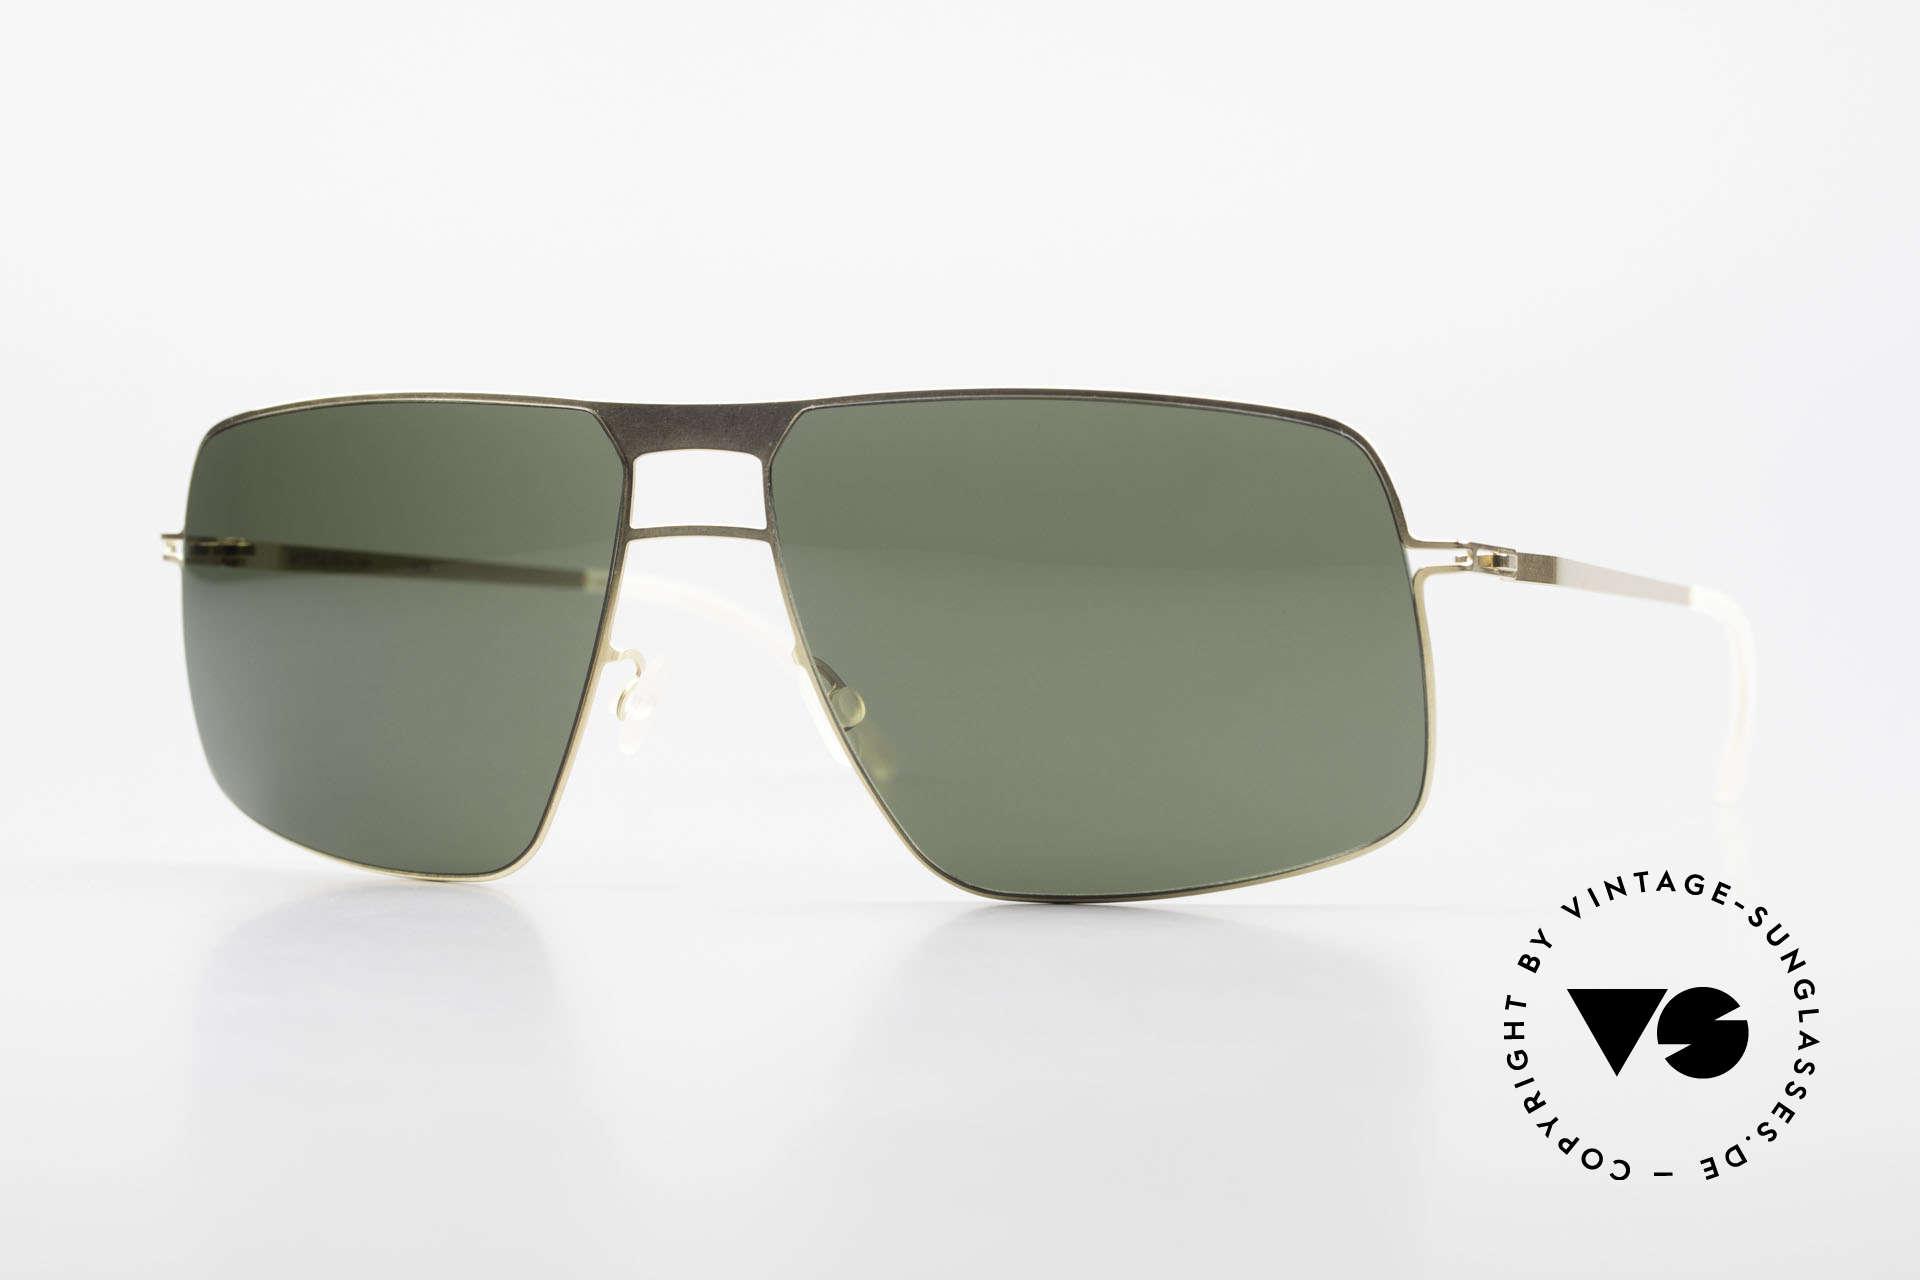 Mykita Leif Designer Shades Zeiss Lenses, original VINTAGE MYKITA men's sunglasses from 2011, Made for Men